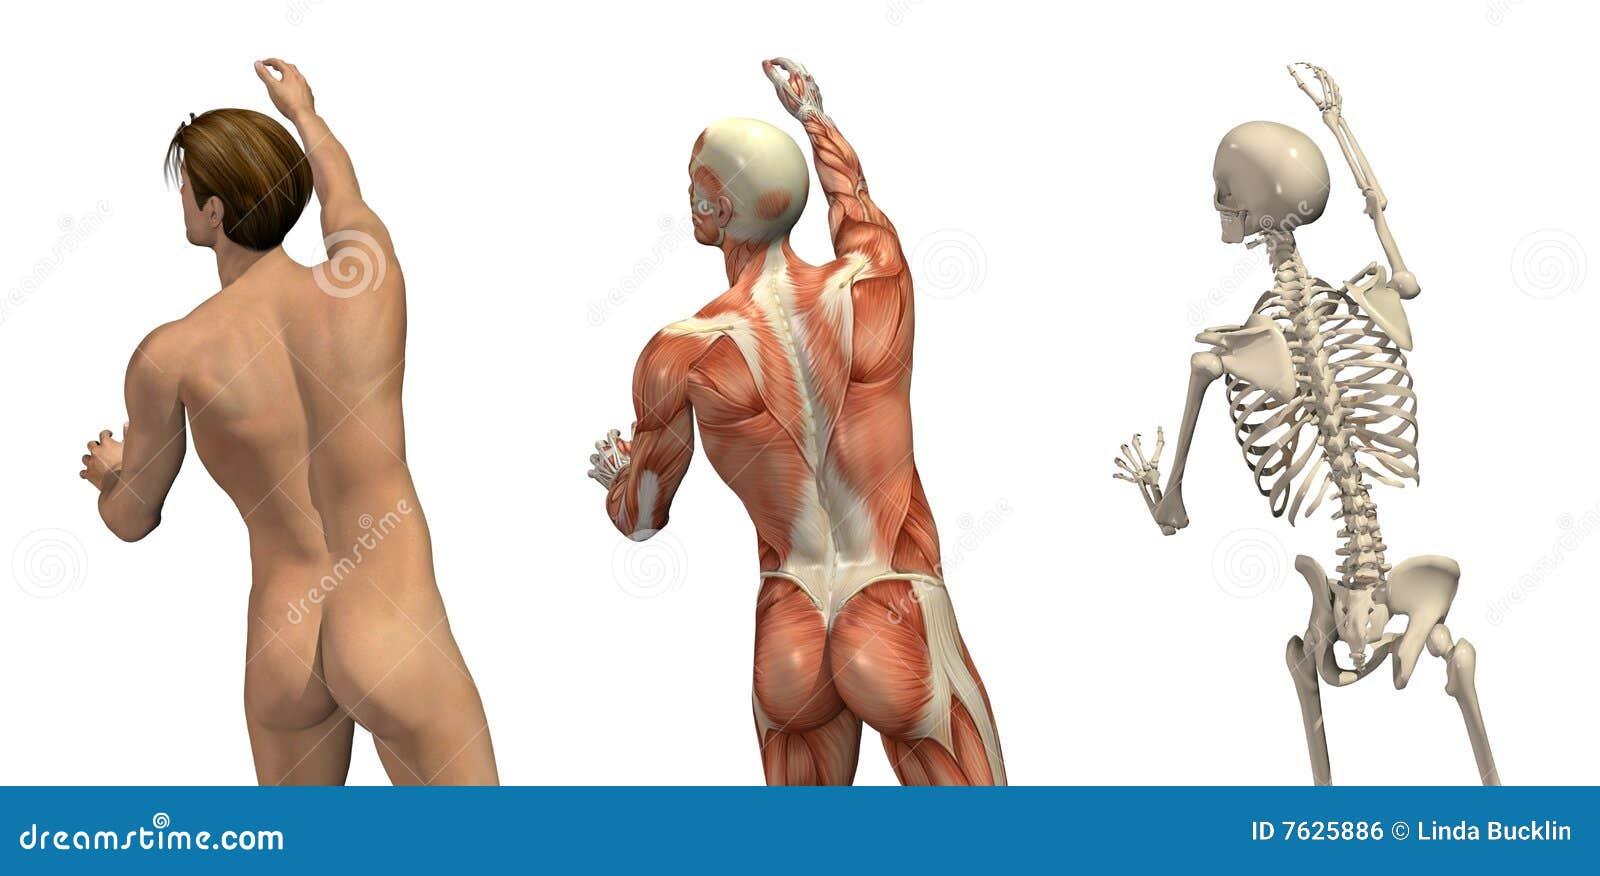 Folhas de prova anatômicas - girando e alcangando